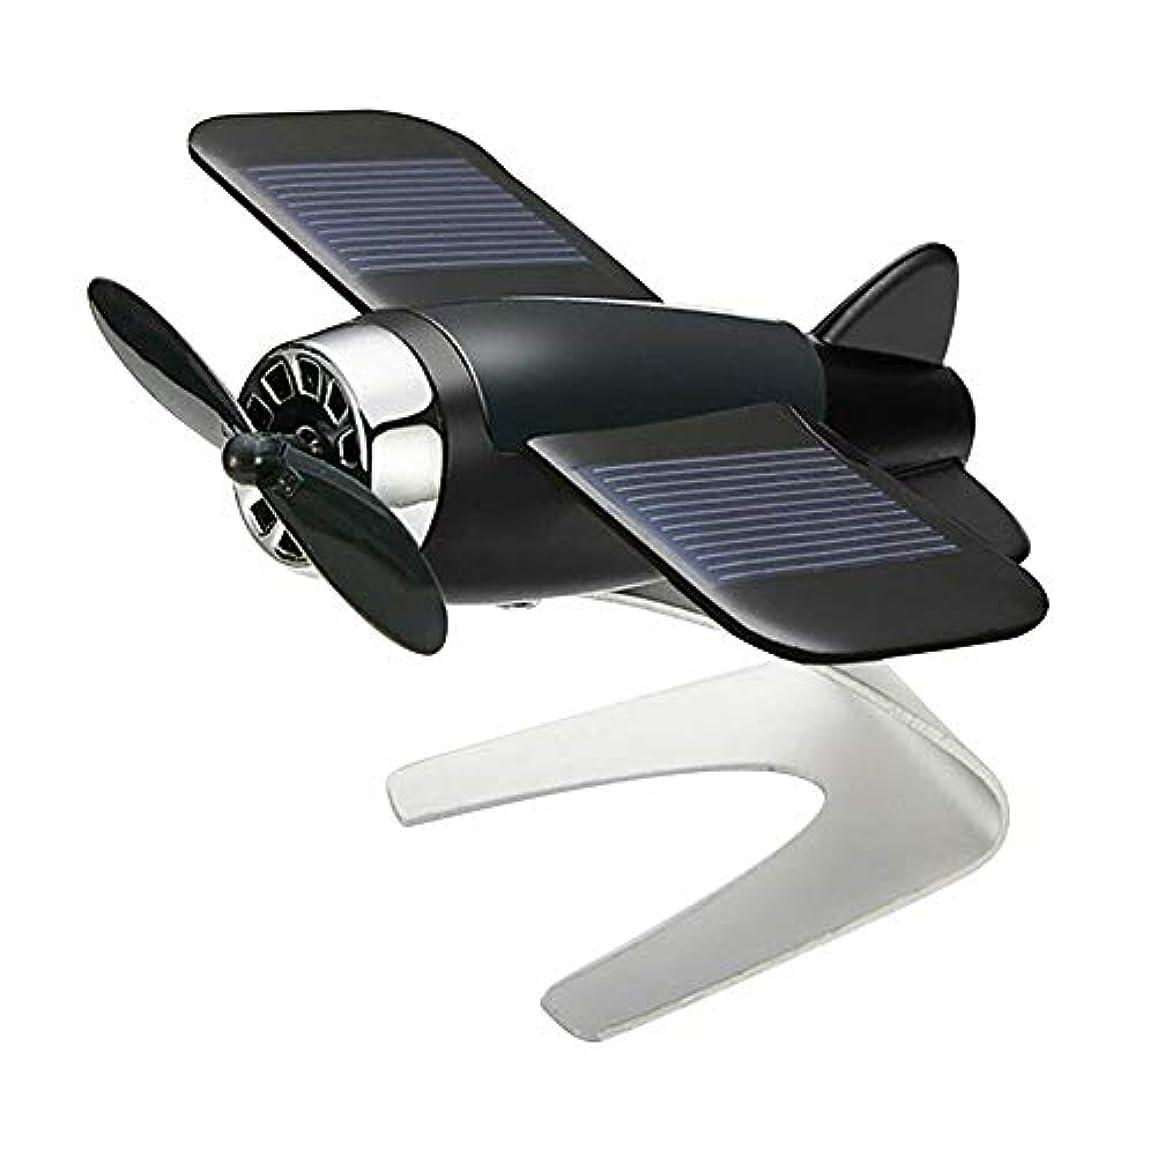 征服原因インキュバスSymboat 車の芳香剤飛行機航空機モデル太陽エネルギーアロマテラピー室内装飾